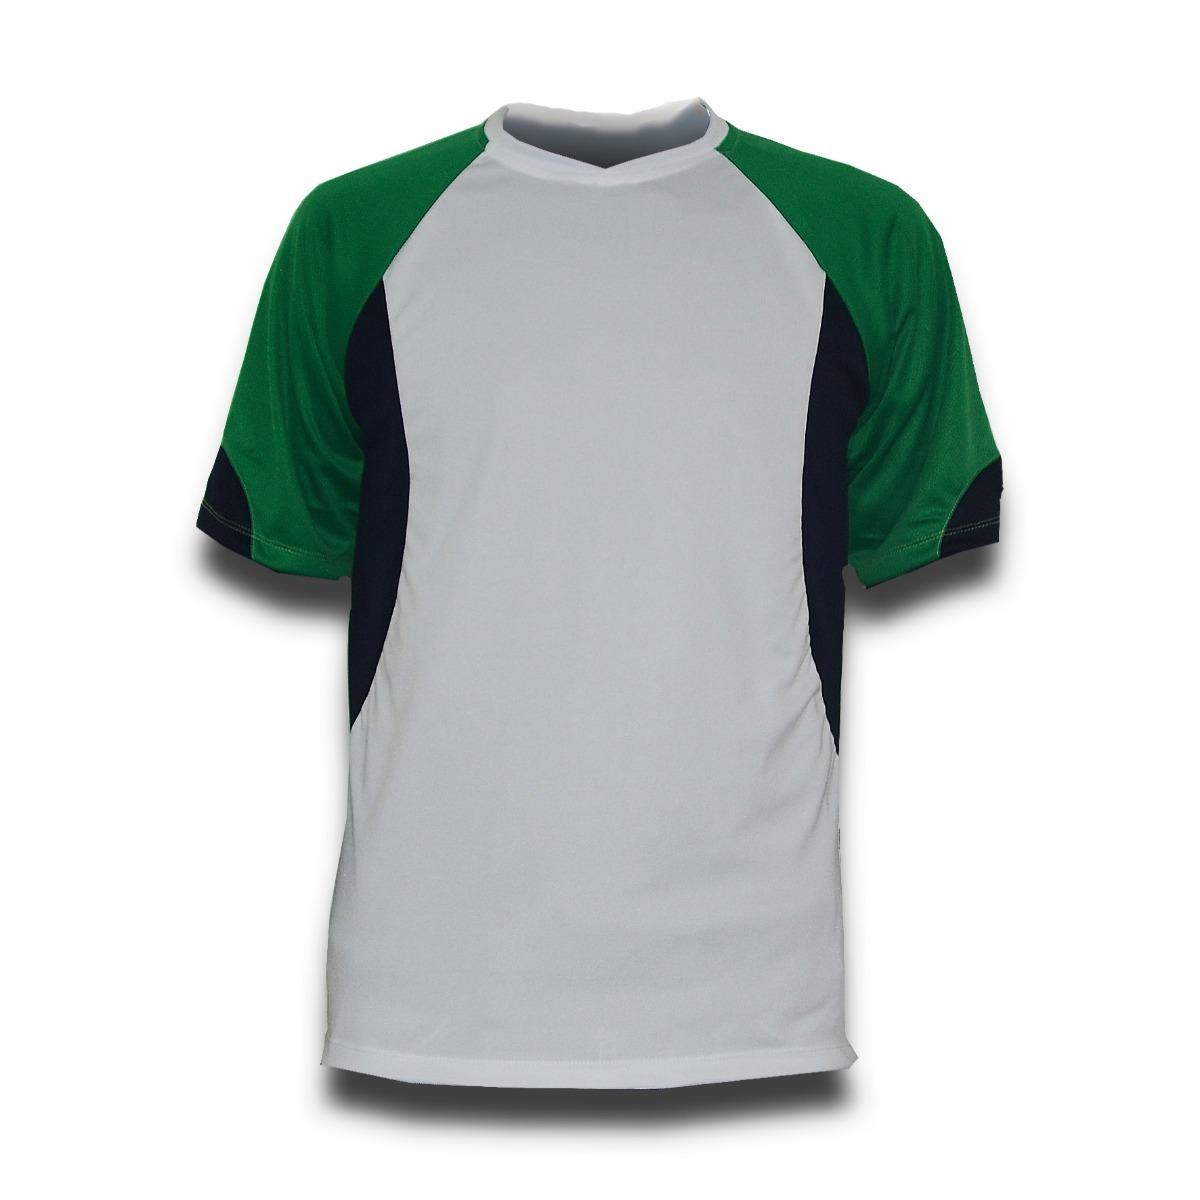 c15c8cdada167 uniformes deportivos franela confección diseño mayor detal. Cargando zoom.